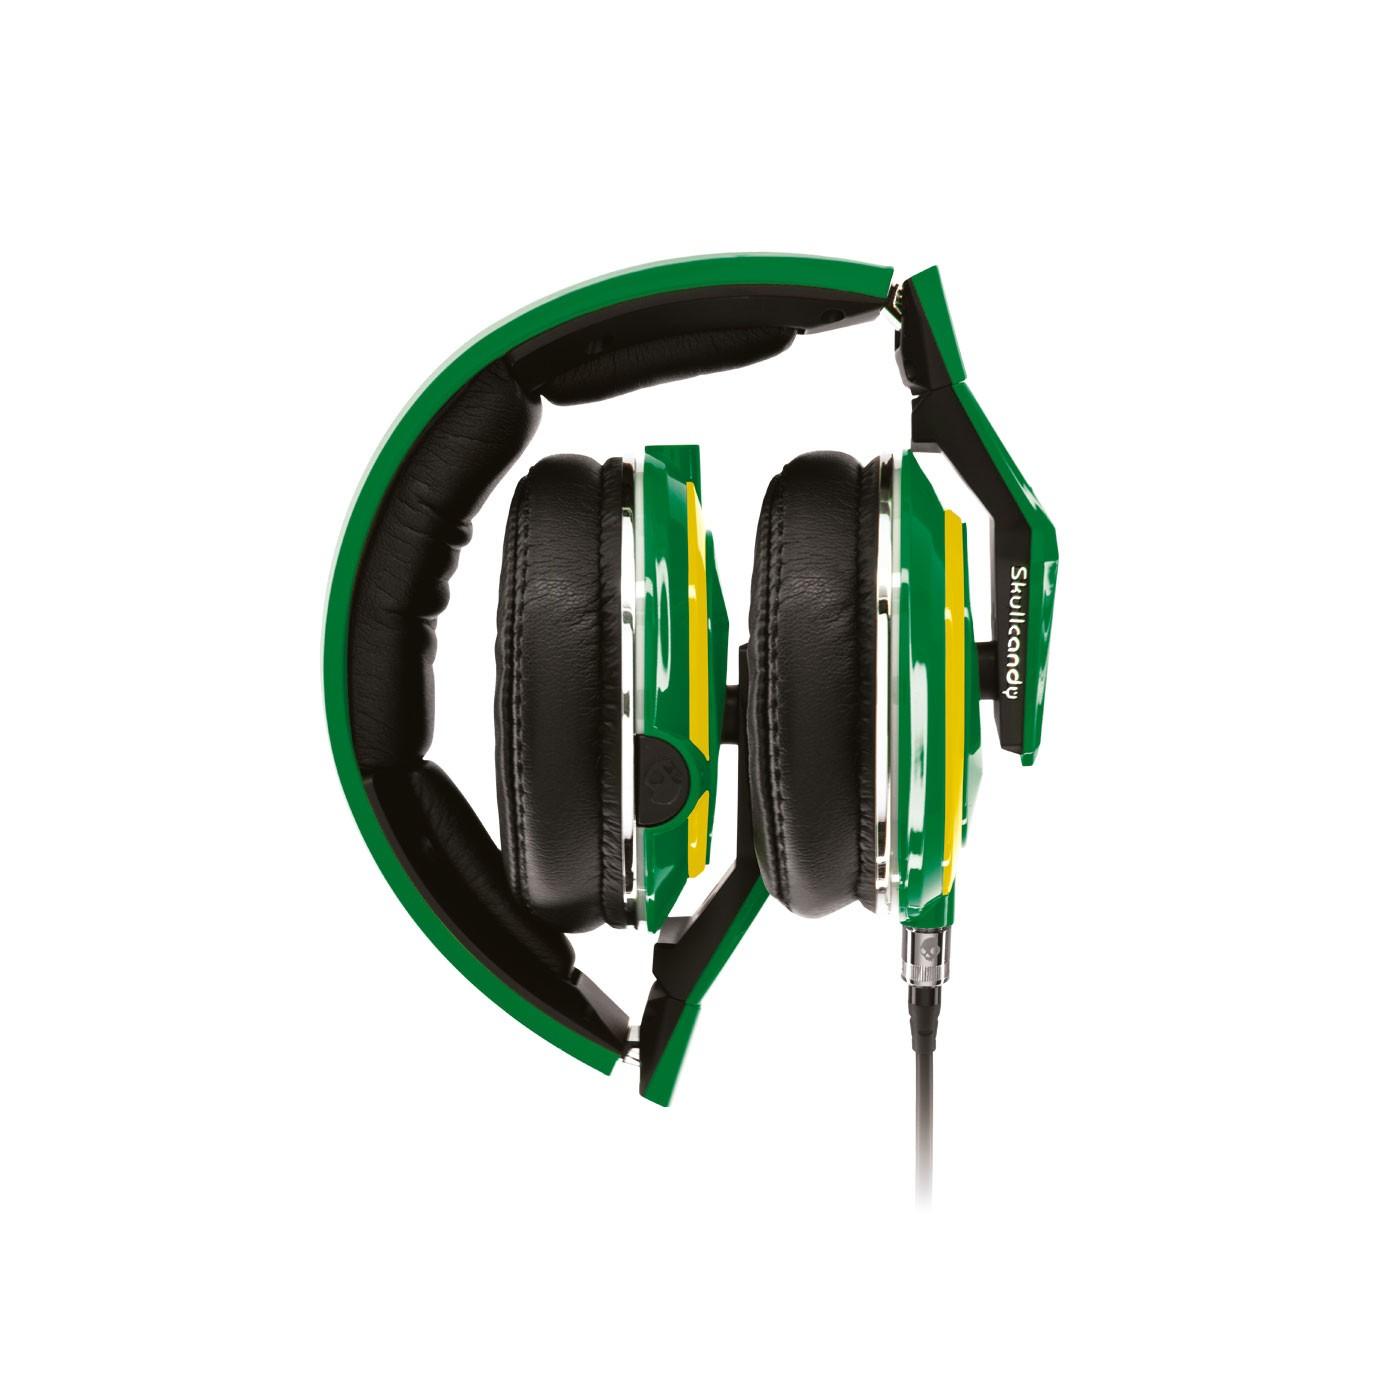 Купить зеленые  наушники mix master в магазинах Streetball изображение - 3 картинки